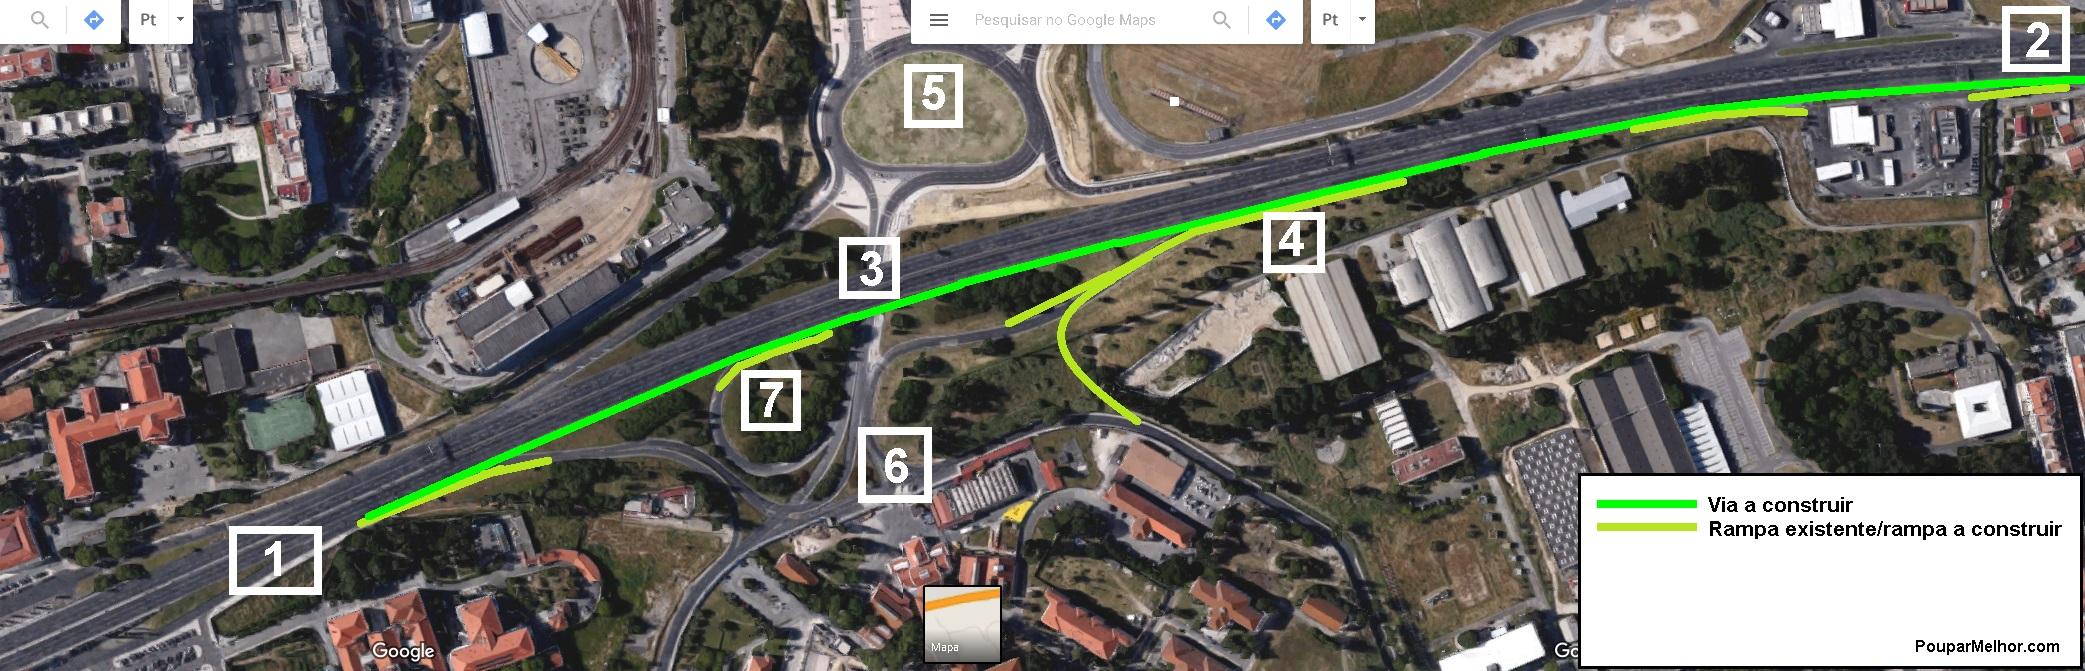 Proposta entre Campo Grande e Aeroporto (clique para ver melhor)